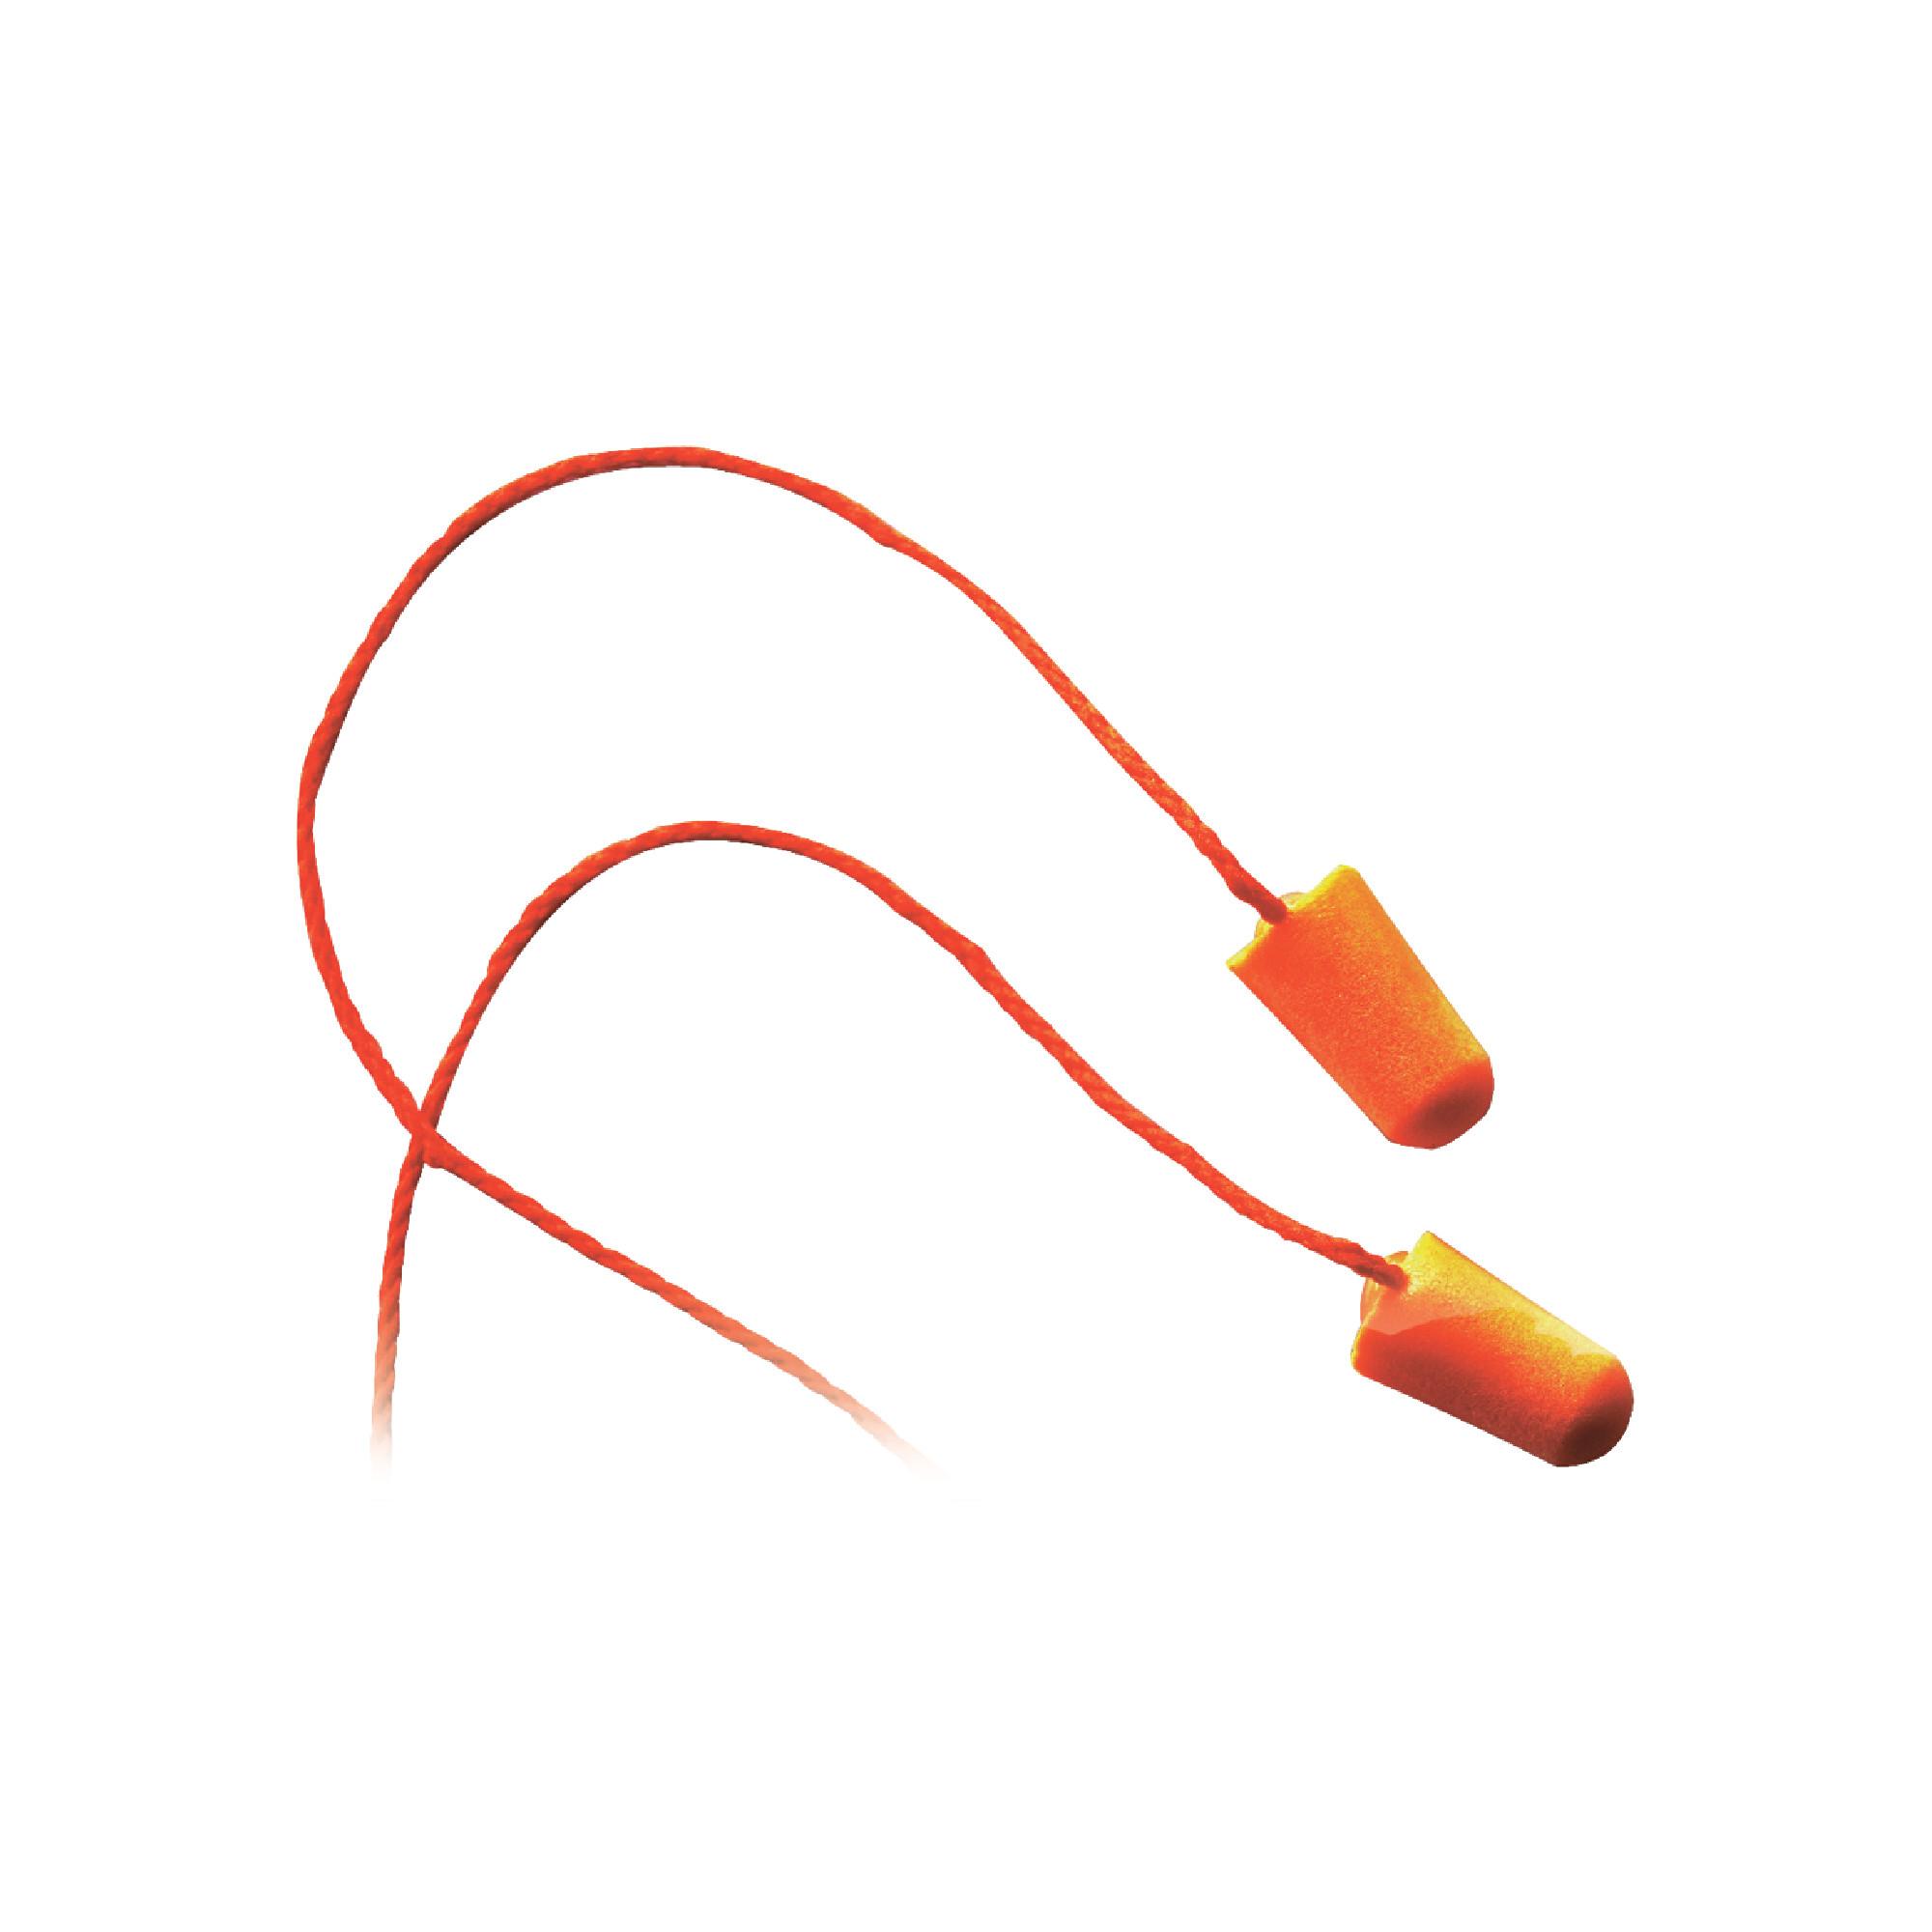 Ear Plugs & Corded Ear Plugs